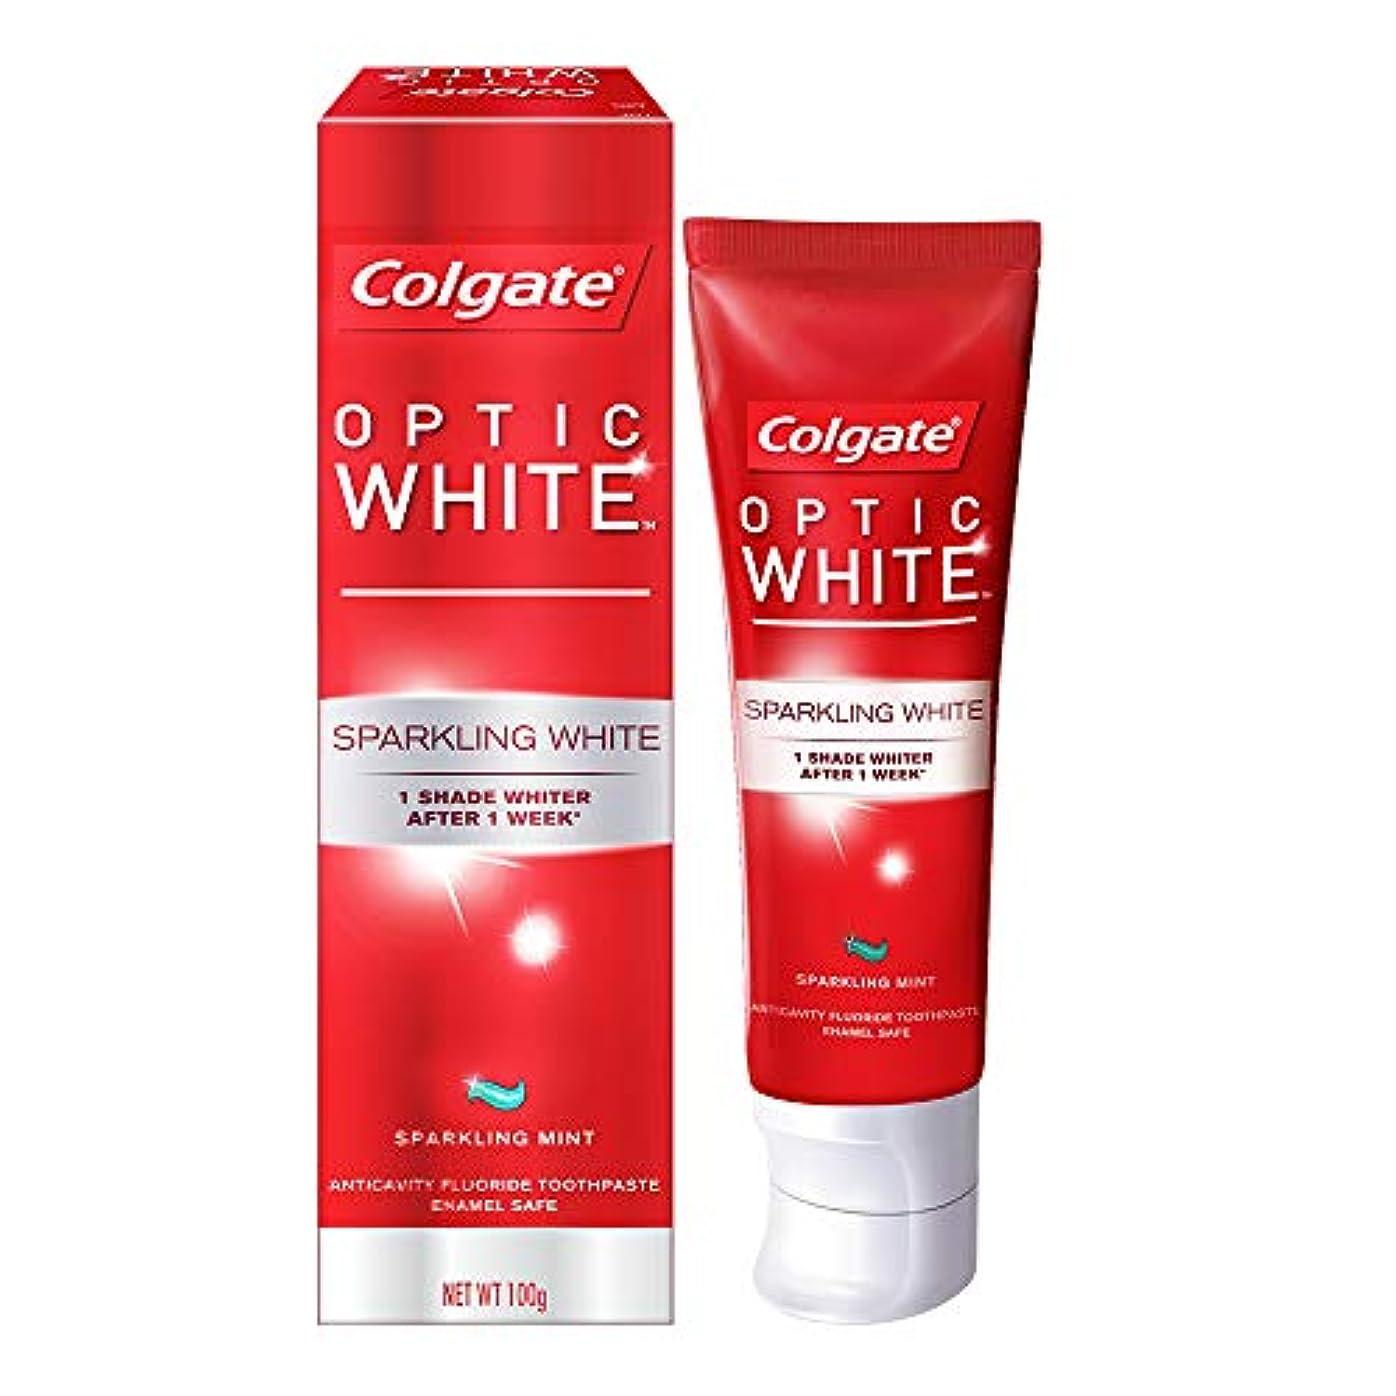 平方はず天皇コールゲート オプティック ホワイト スパークリングシャイン 100g 歯磨き粉 Colgate Optic White Sparkling Shine 100g Tooth Paste